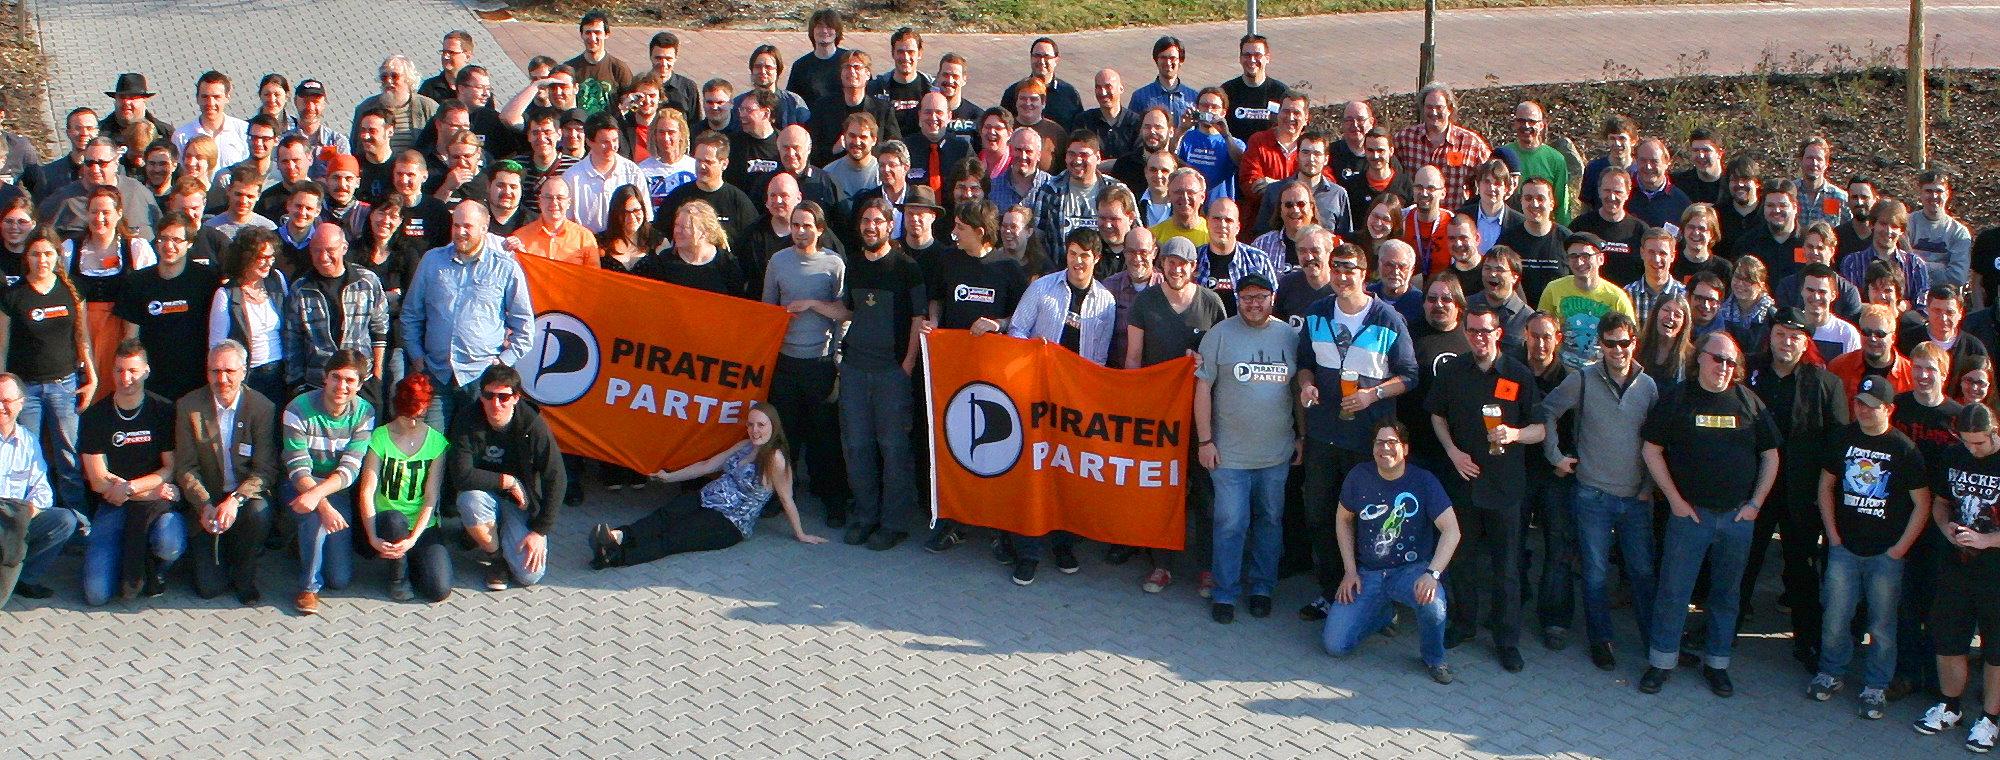 Piratenpartei Deutschland, Landesverband Bayern. CC-BY-SA 3.0 Olaf Konstantin Krueger